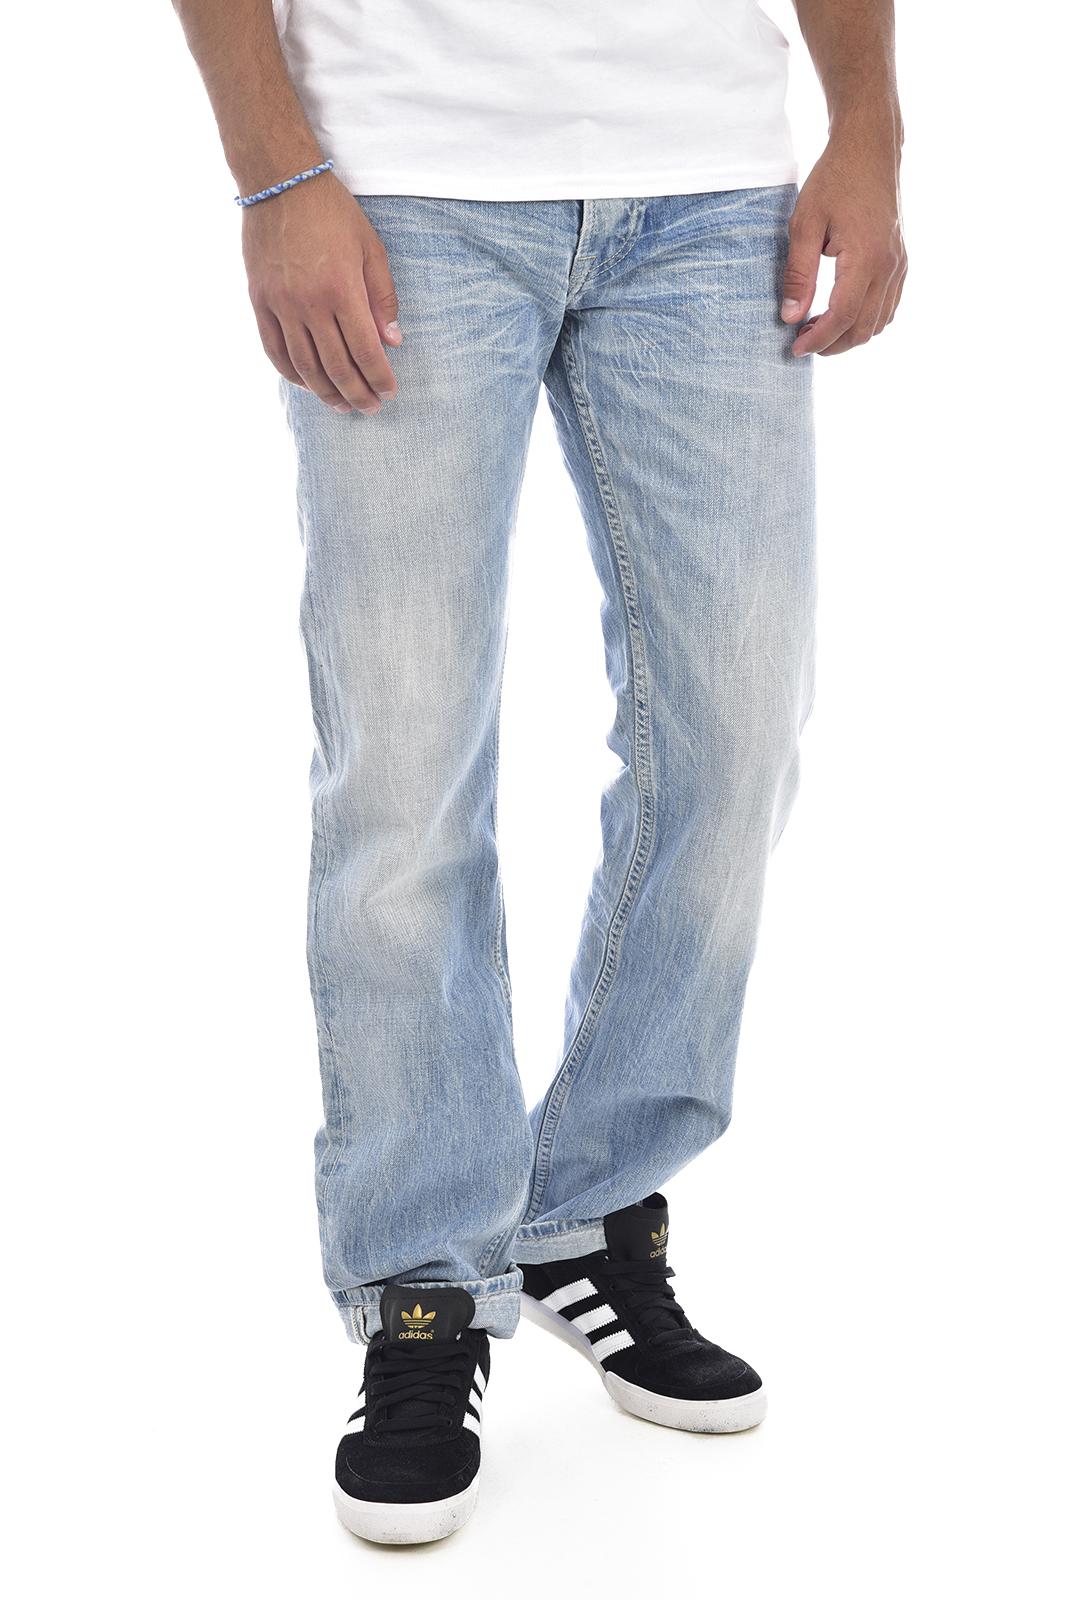 droit  Pepe jeans PM200909B27 OXFORD bleu